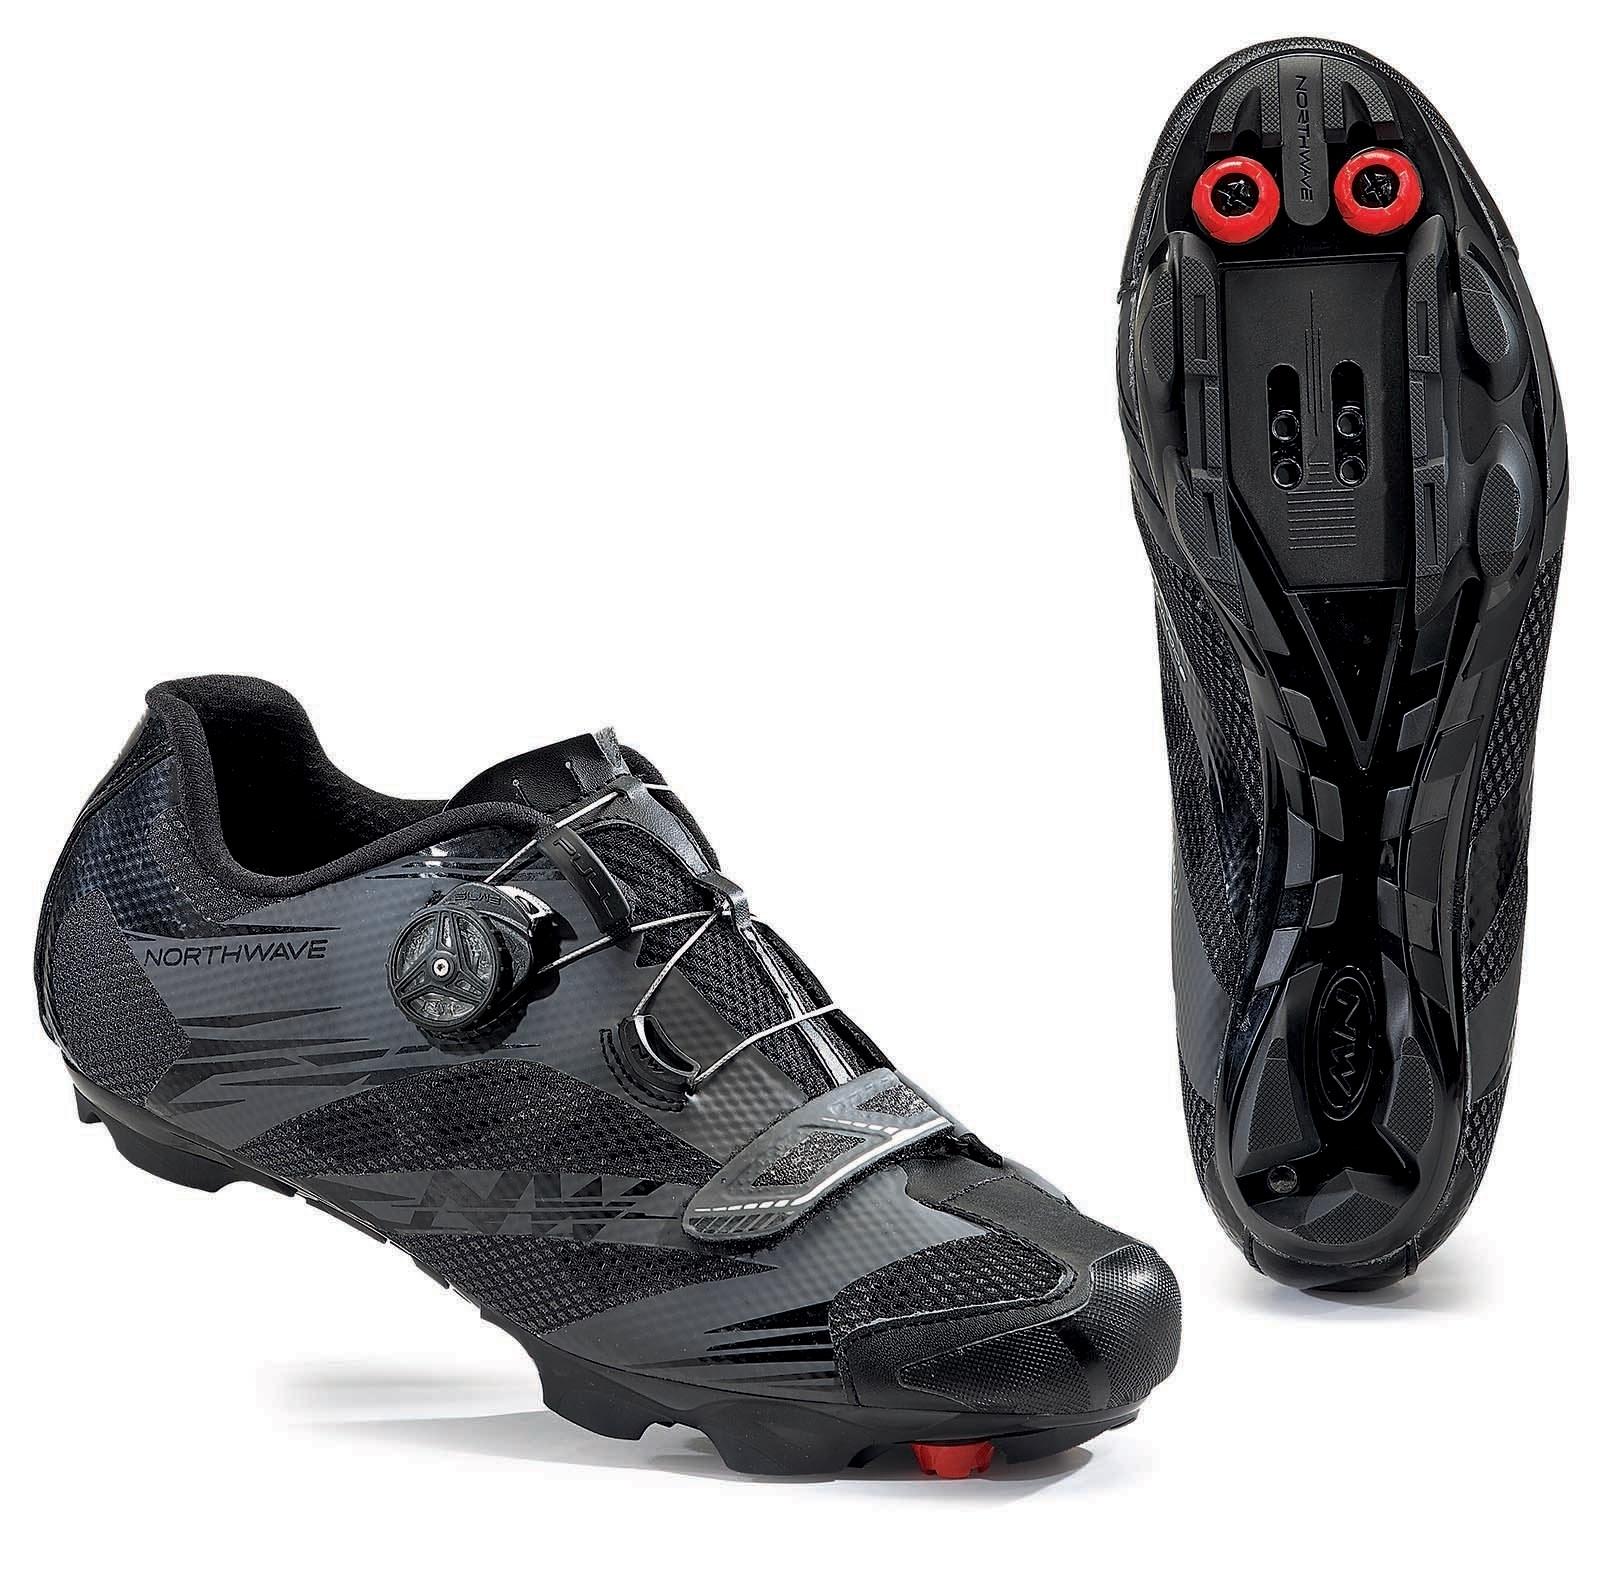 Best price Northwave Man MTB XC shoes SCORPIUS 2 PLUS